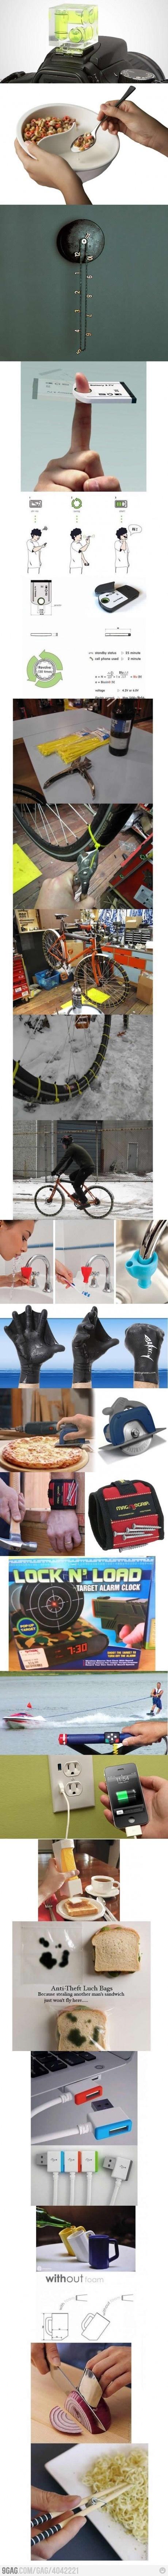 Idea product